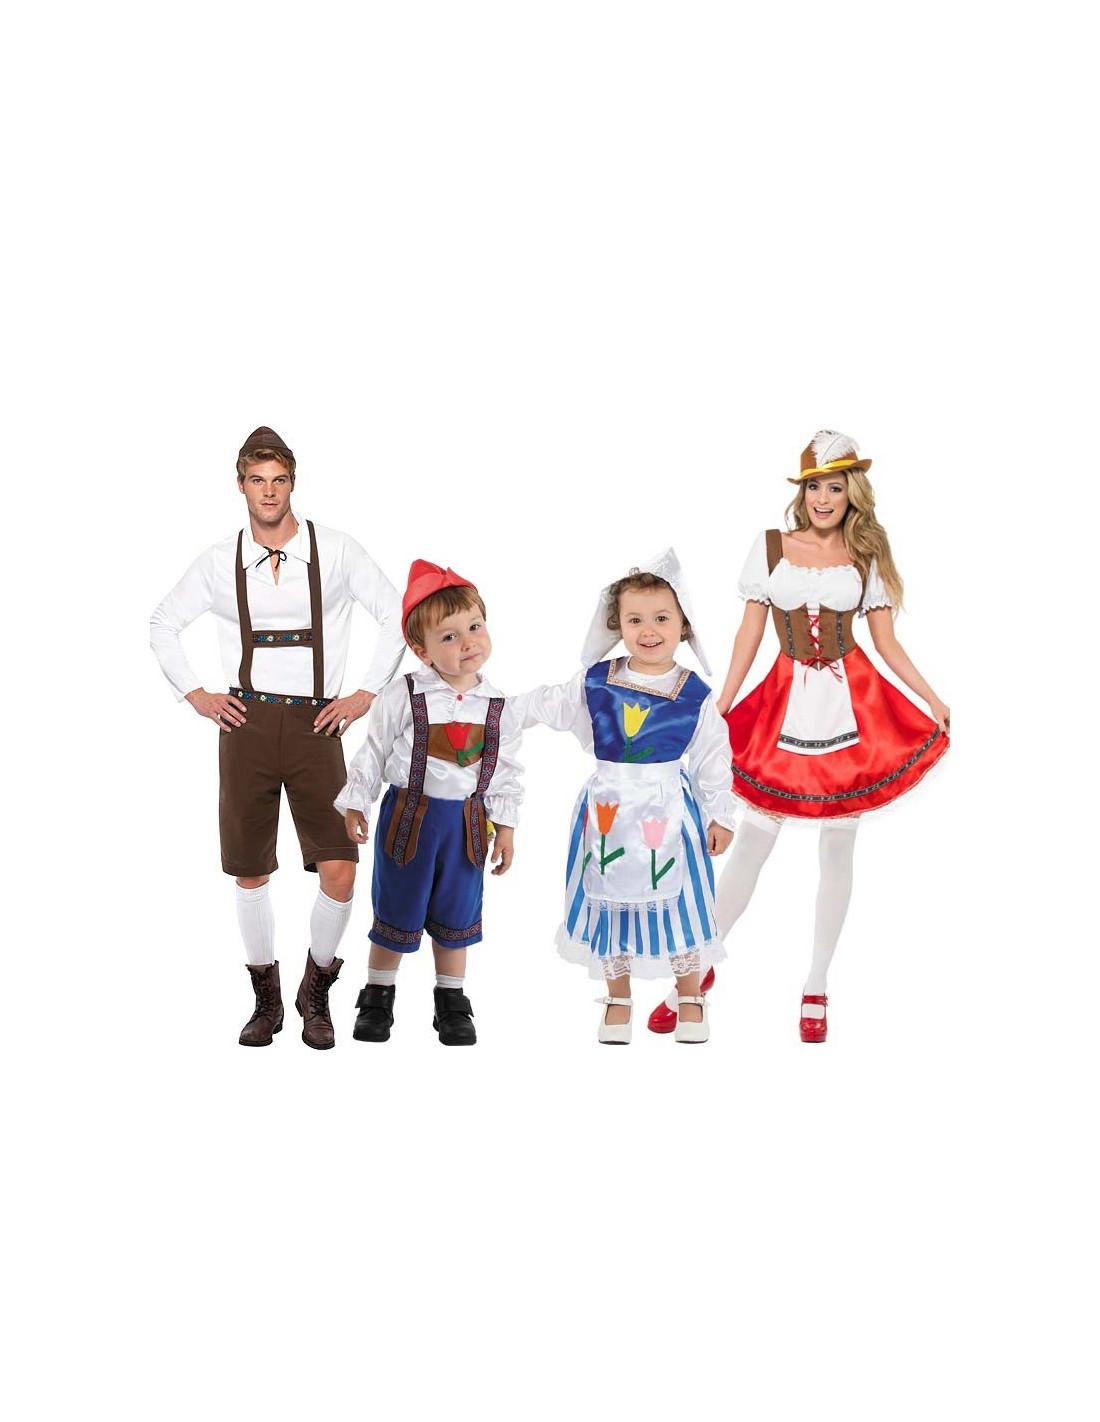 Disfraz de Tiroleses en grupo - Comprar en Tienda Bacanal c4a2f09e5aac